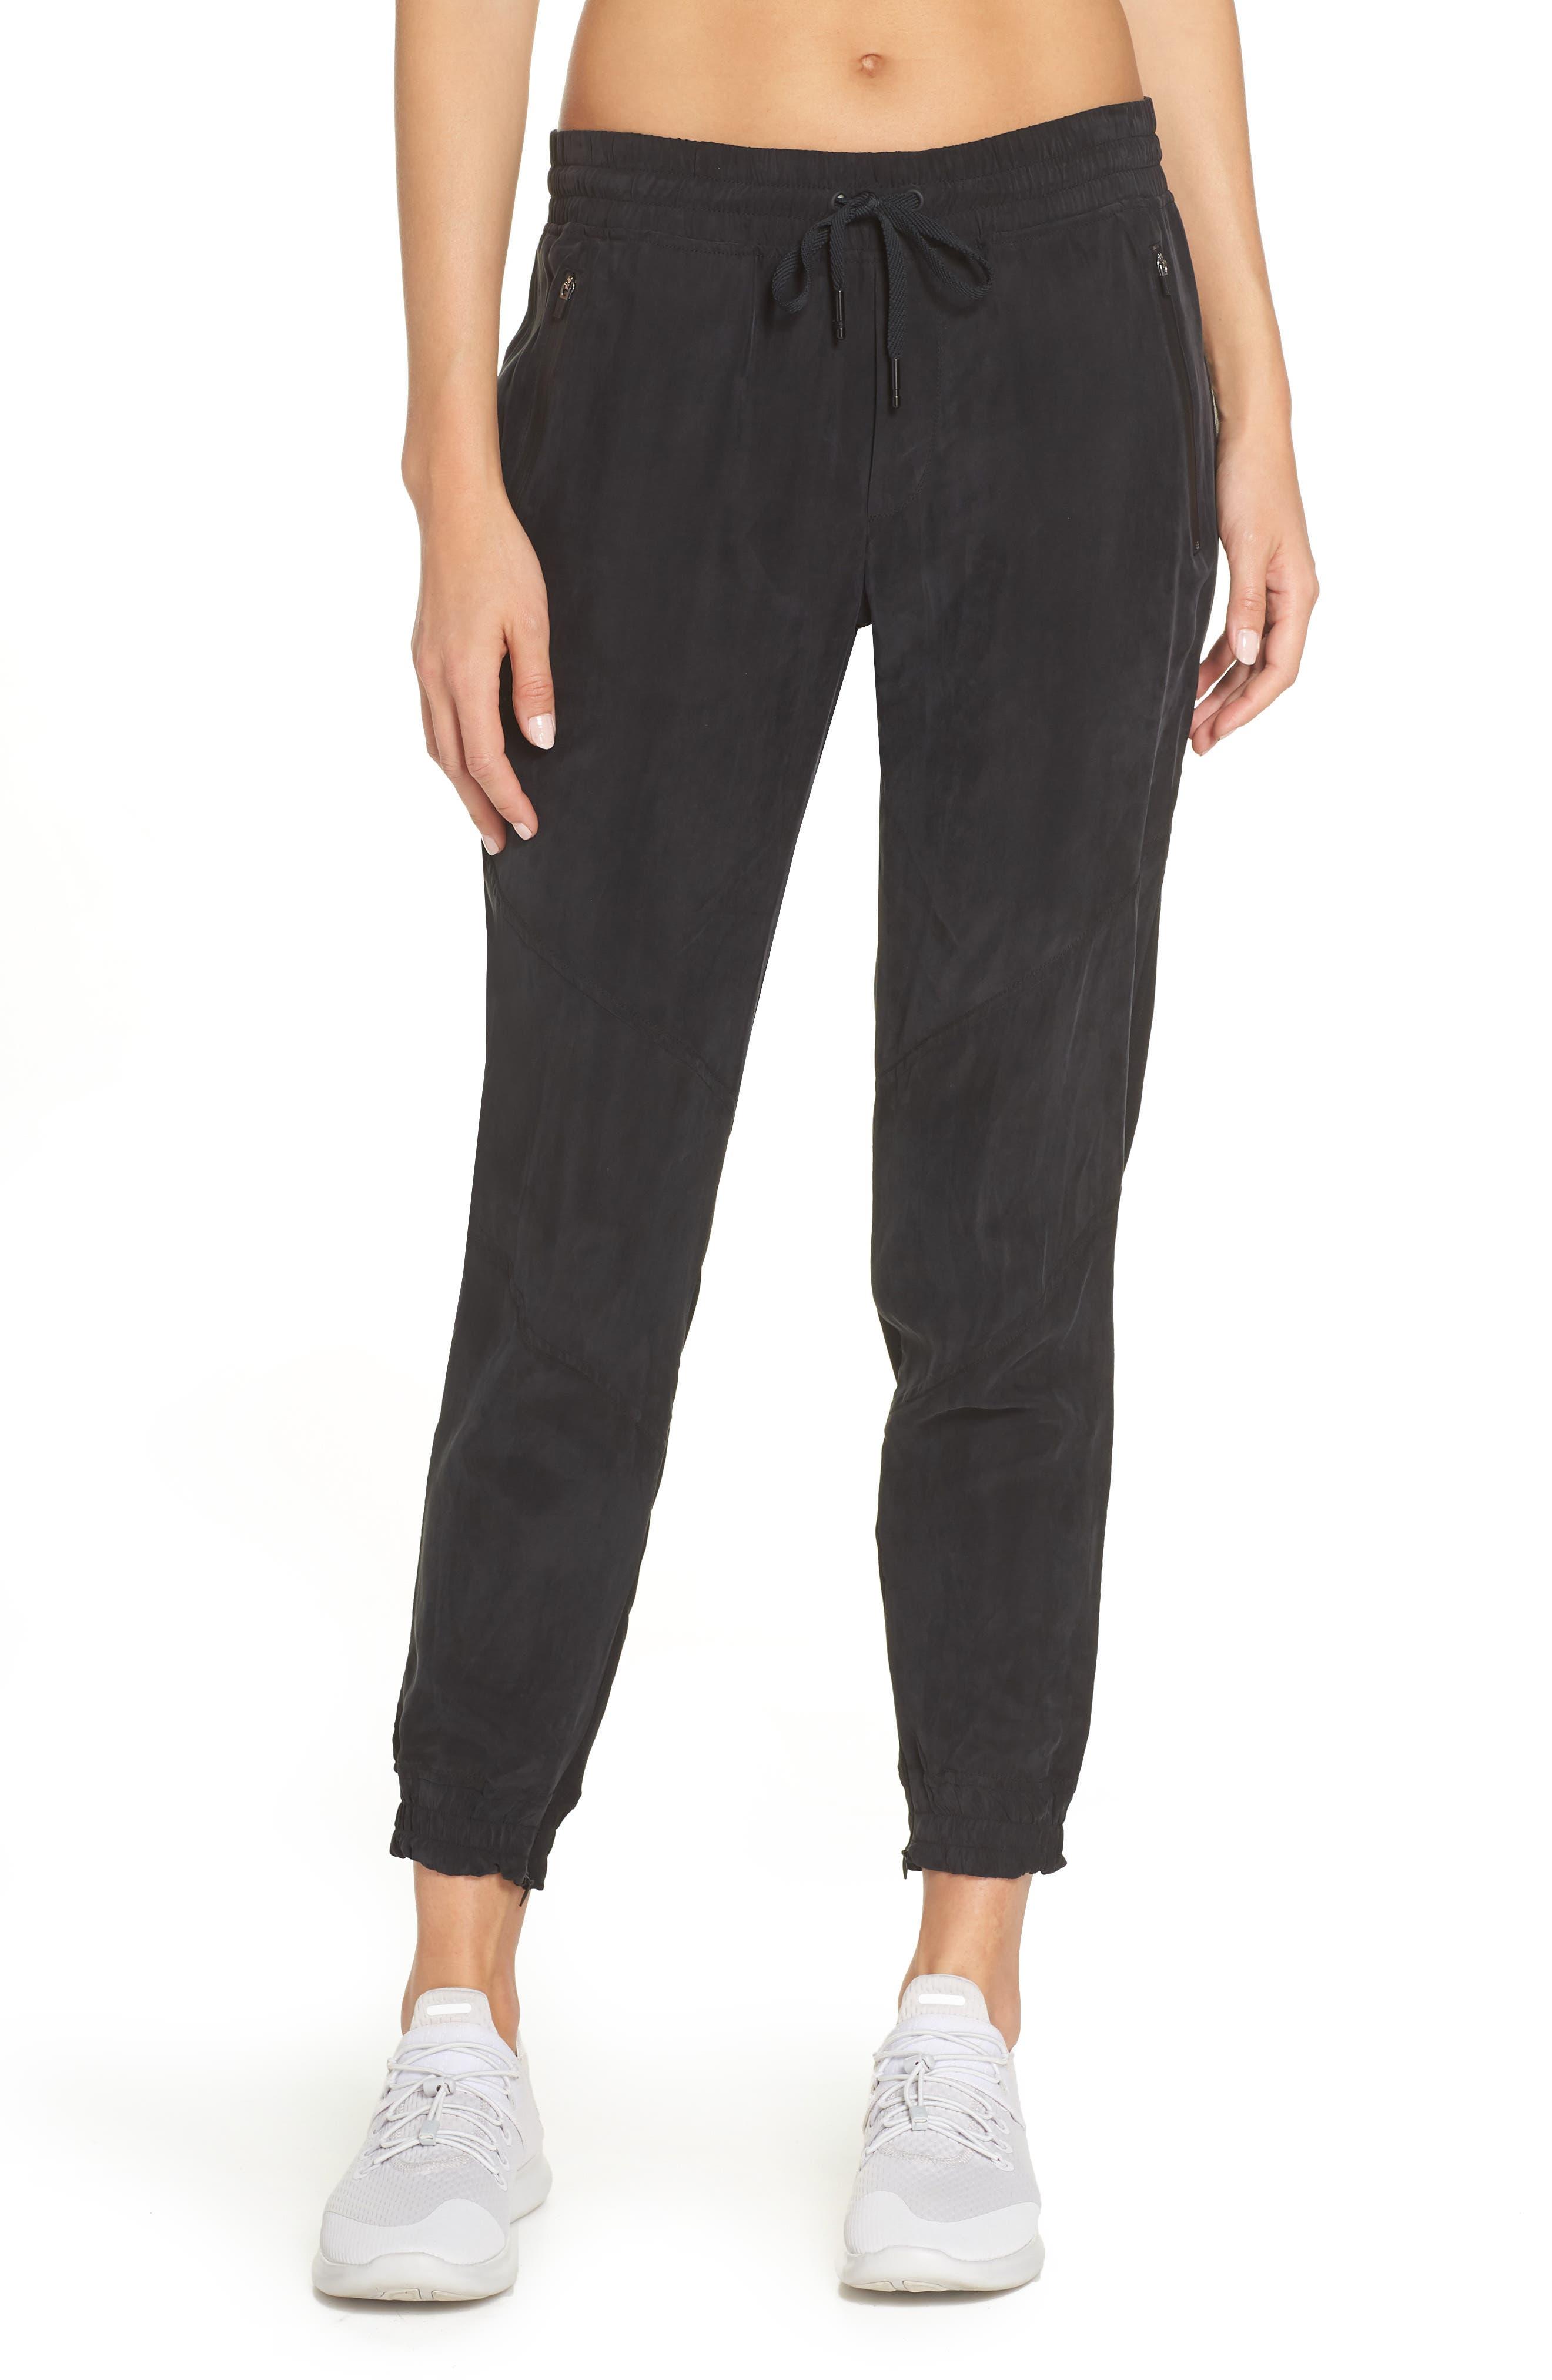 Arcs Jogger Pants,                         Main,                         color, 001